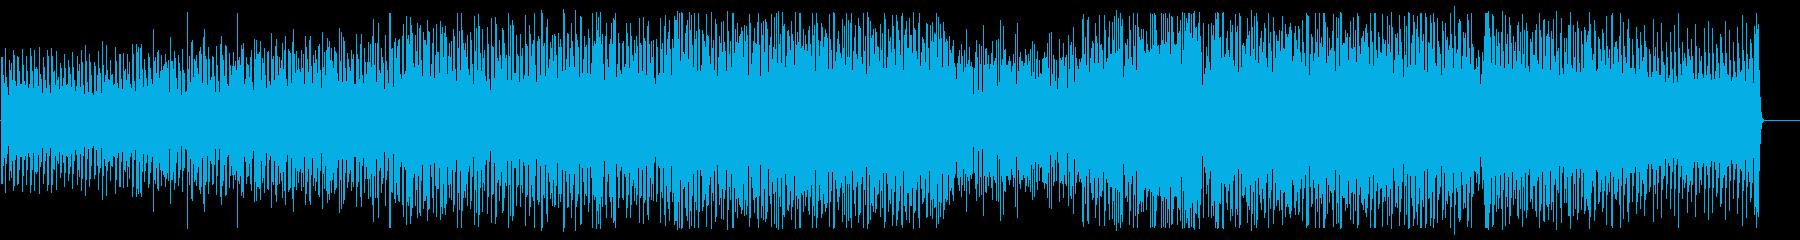 デジタル/サイバー/導入/チュートリアルの再生済みの波形